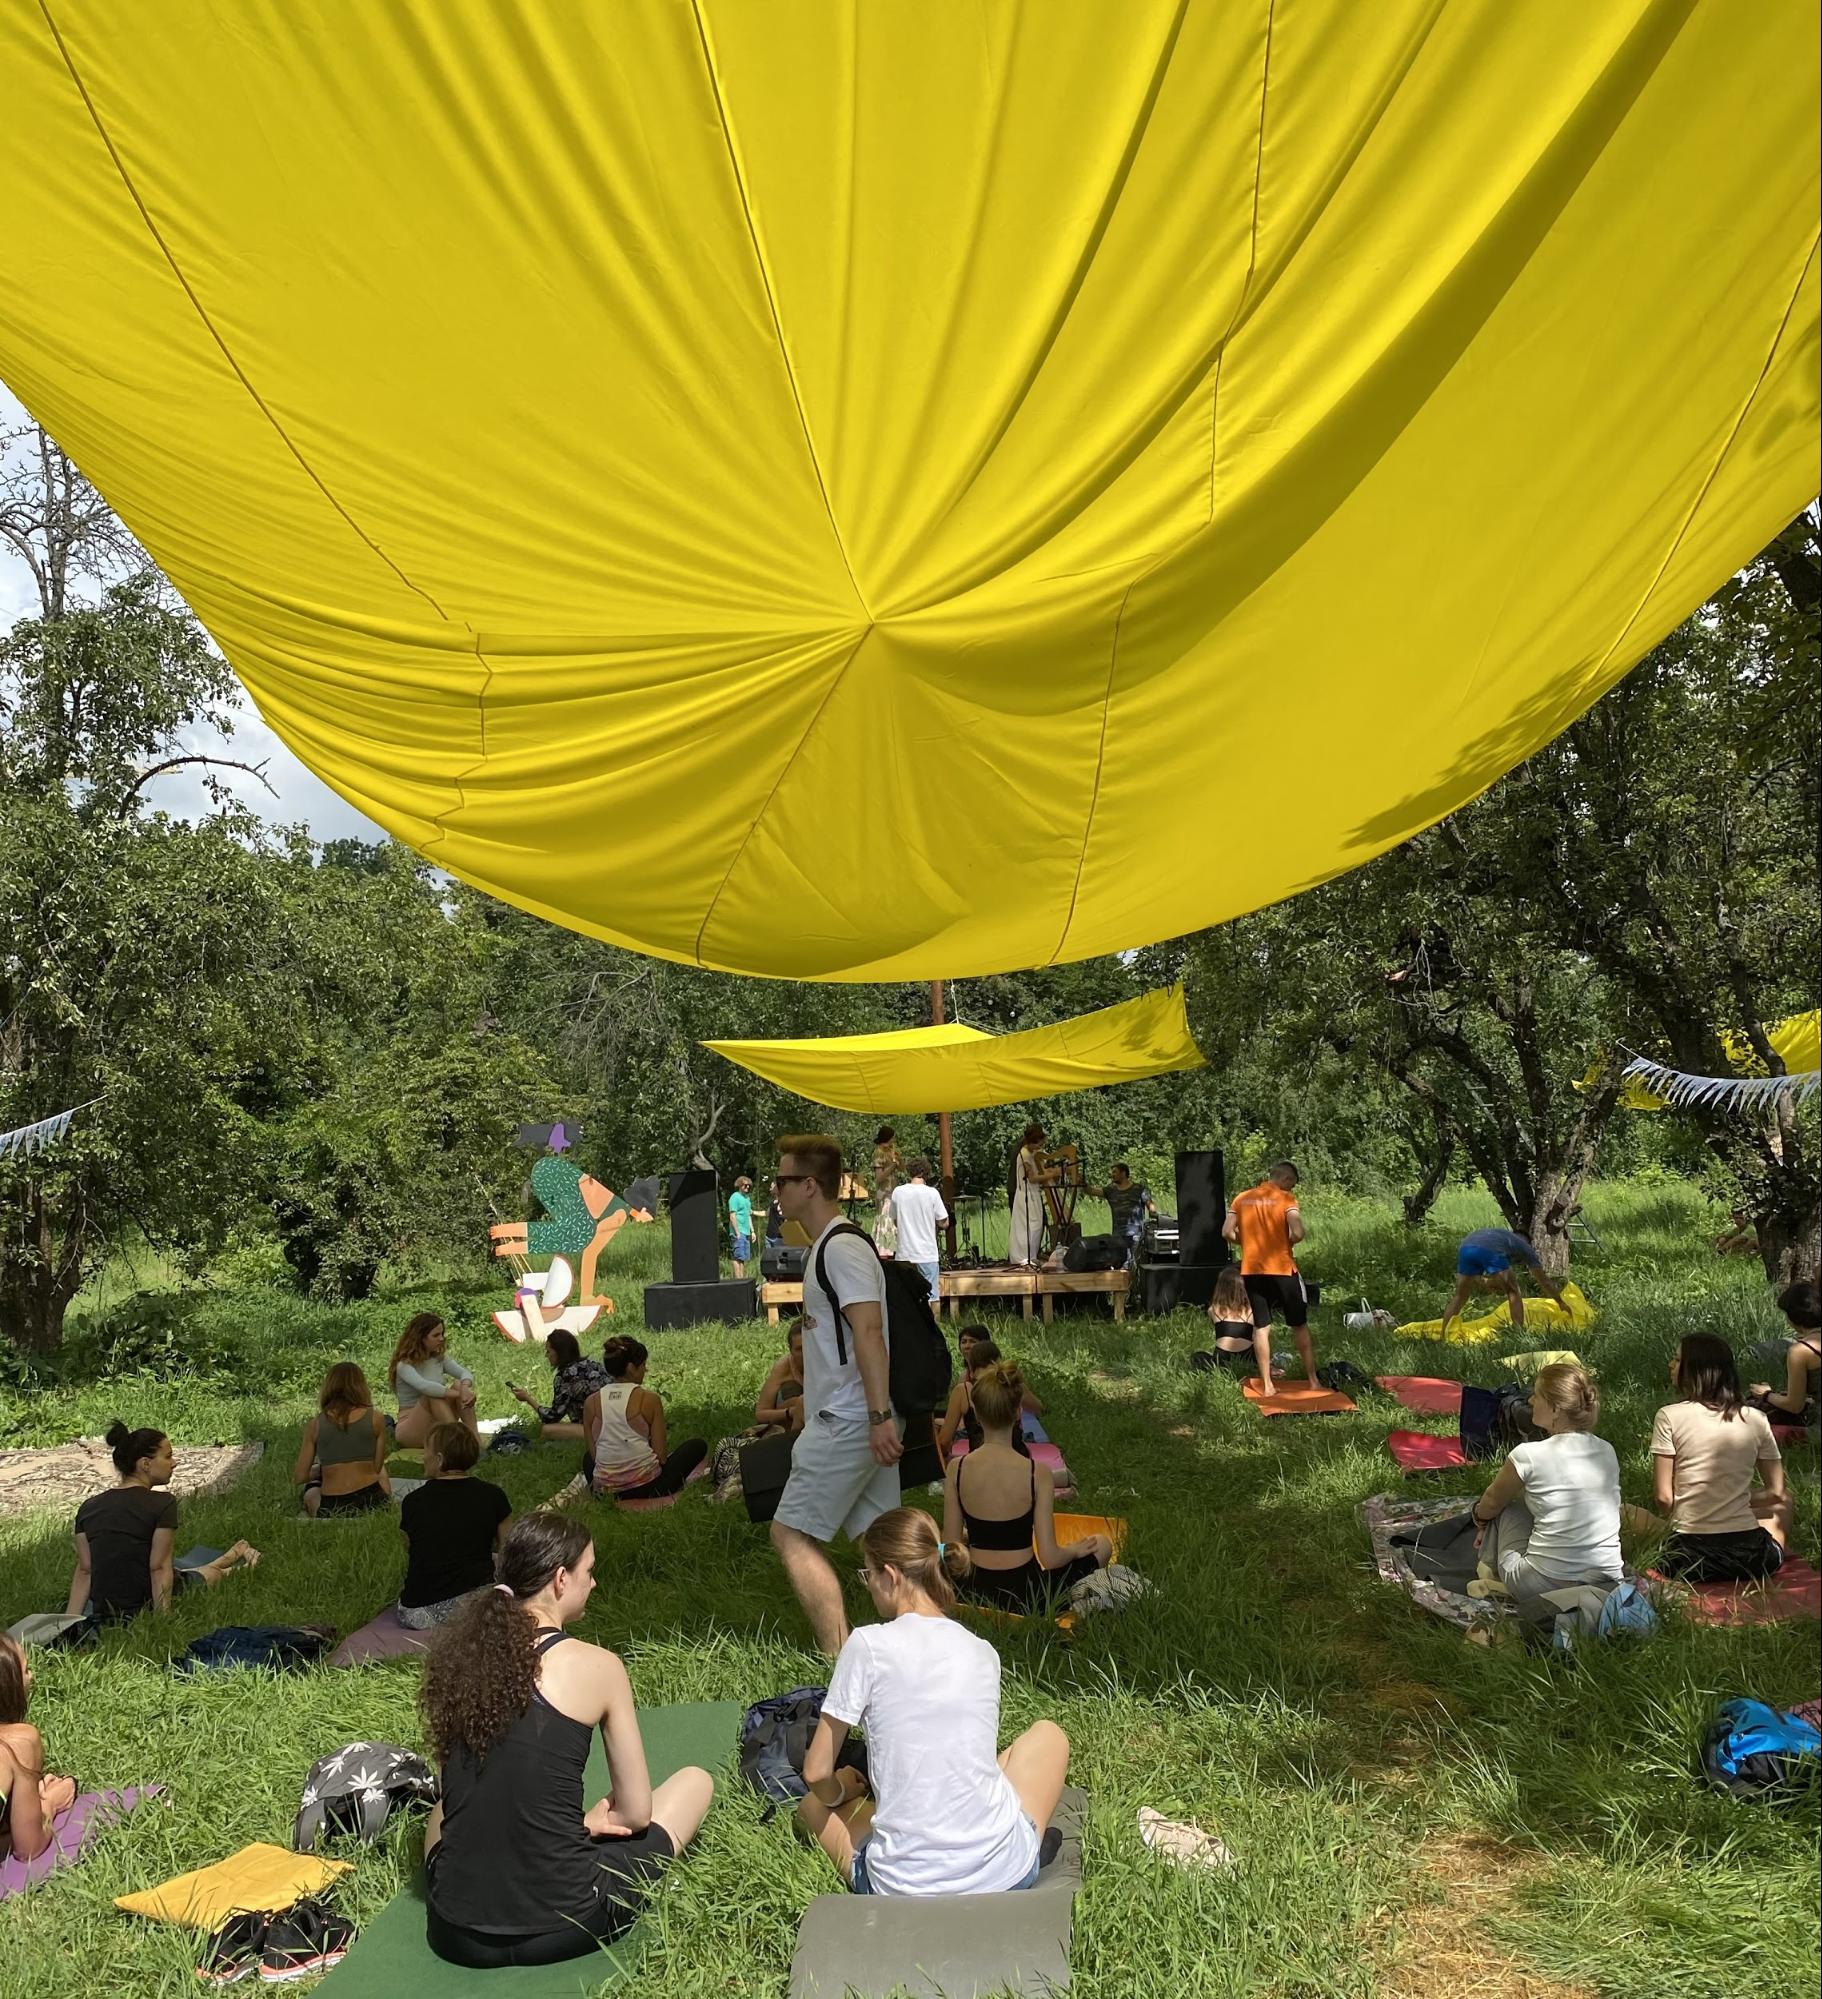 любители йоги устроили масштабный йога-пикник